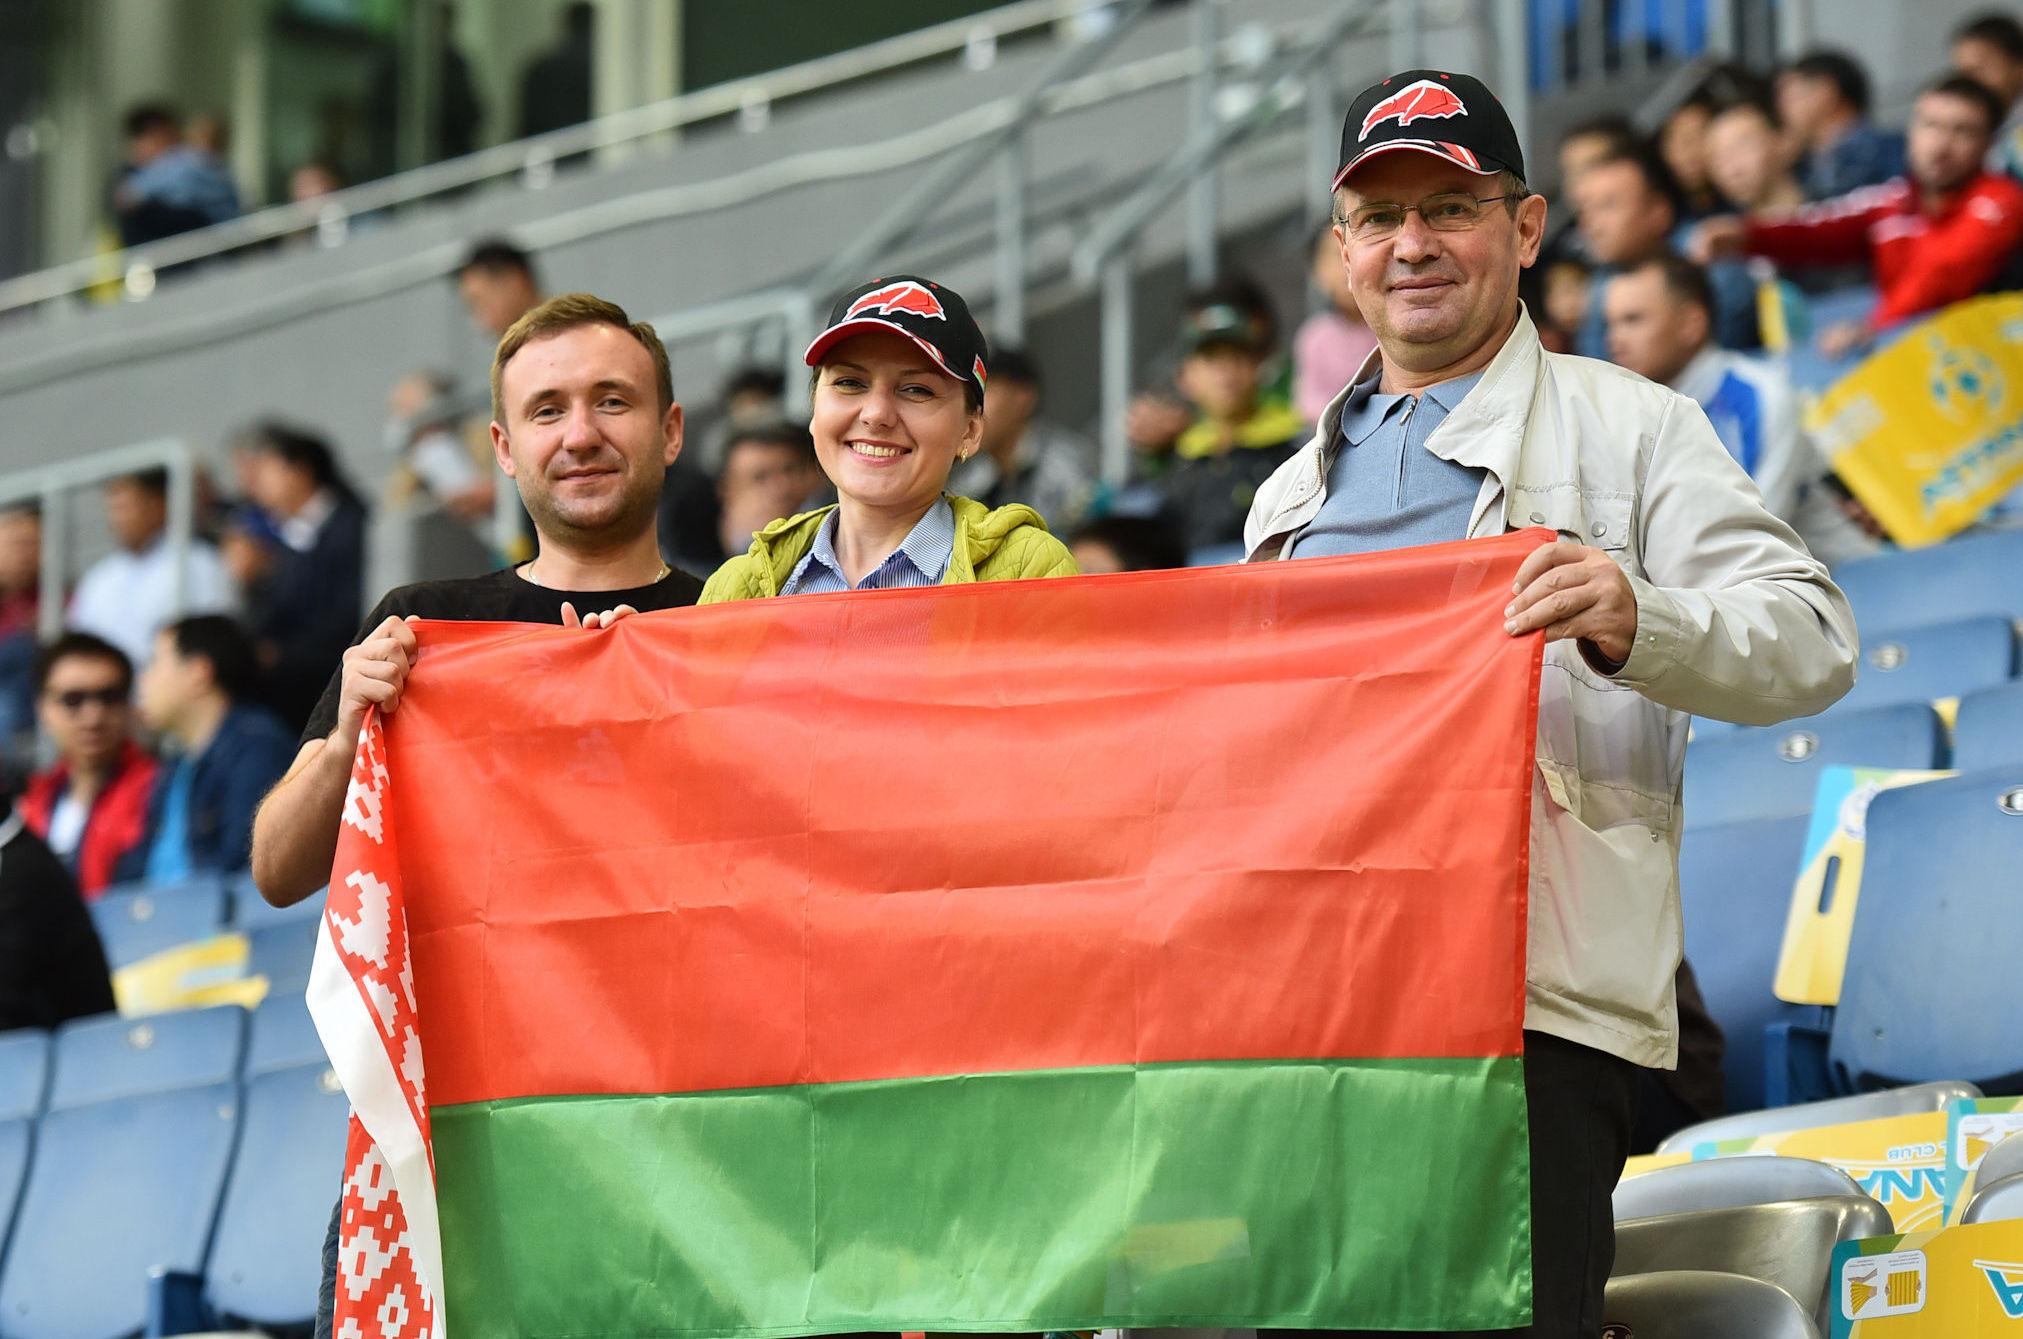 БАТЭ – это команда с традициями, говорит минчанин Вячеслав Ситник, который следит за матчем с семьей